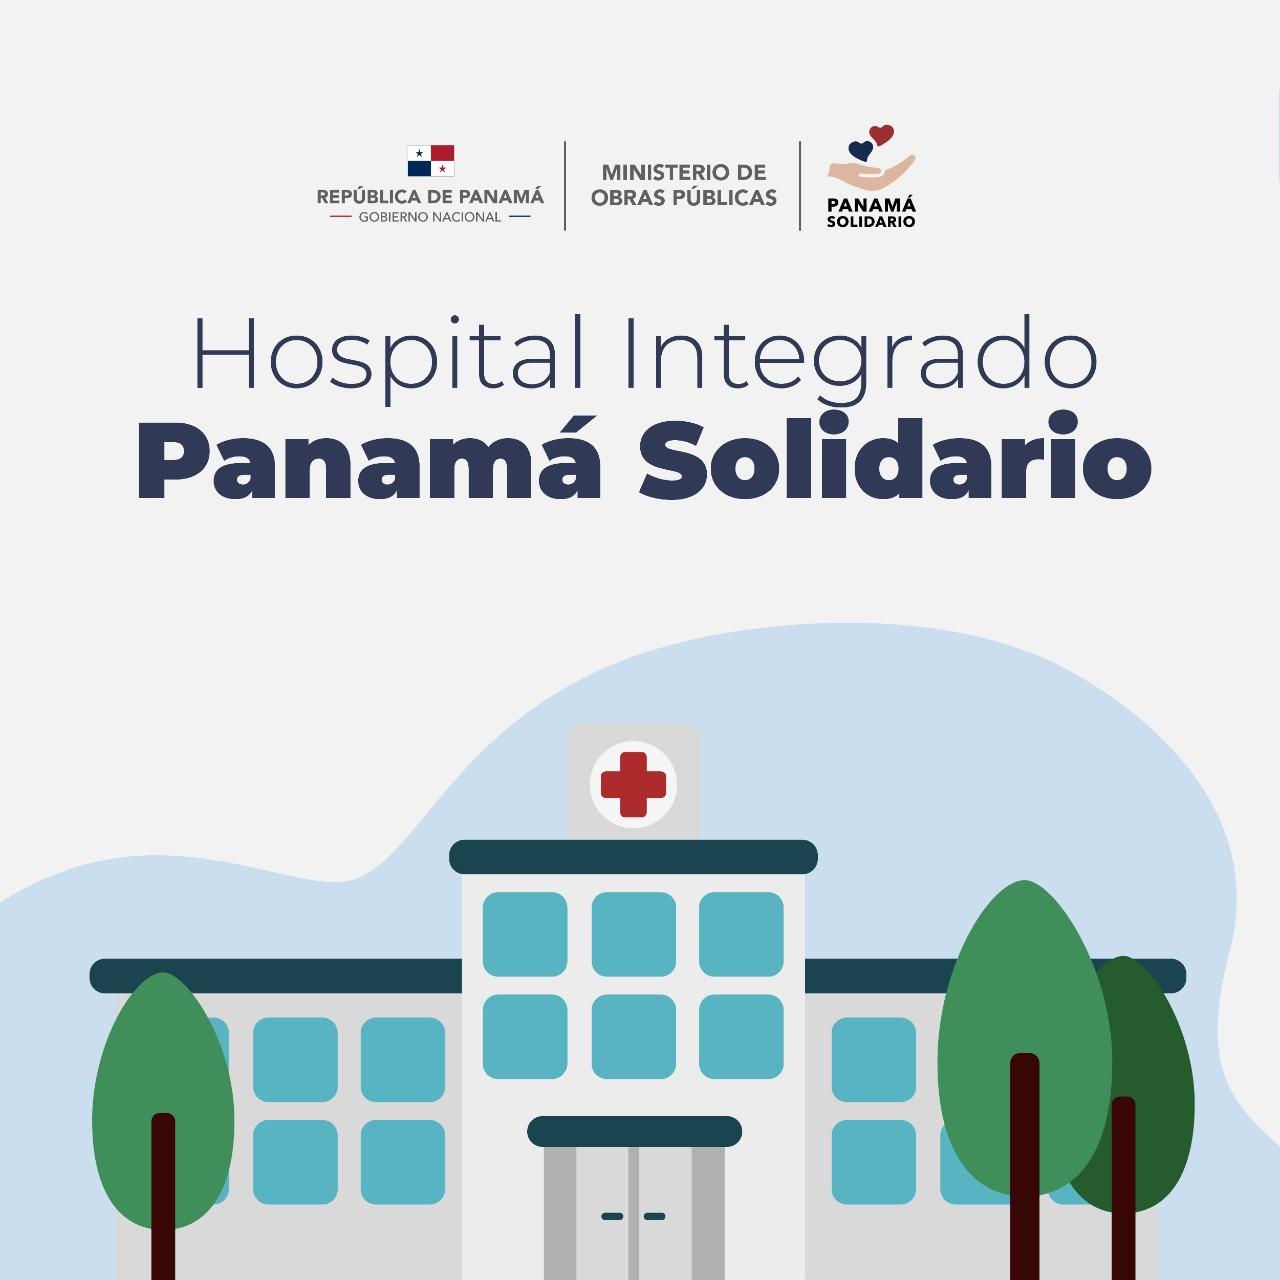 El @MOPPma presentó resumen de contratación de la construcción del Hospital Integrado Panamá Solidario